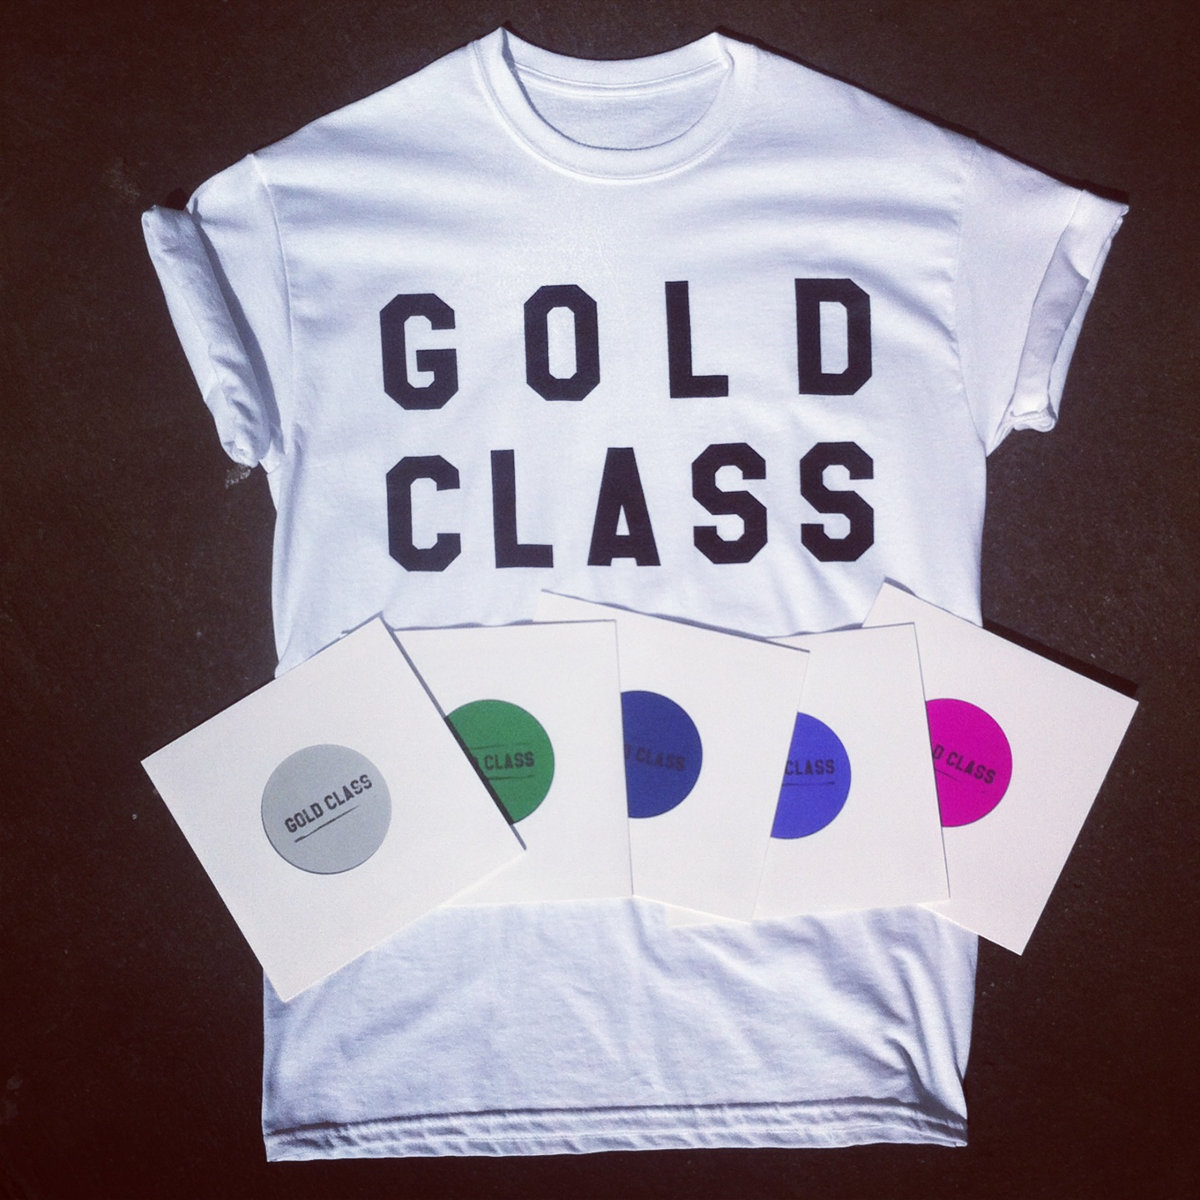 T shirt design qld -  Gold Class Letter Design T Shirt Main Photo